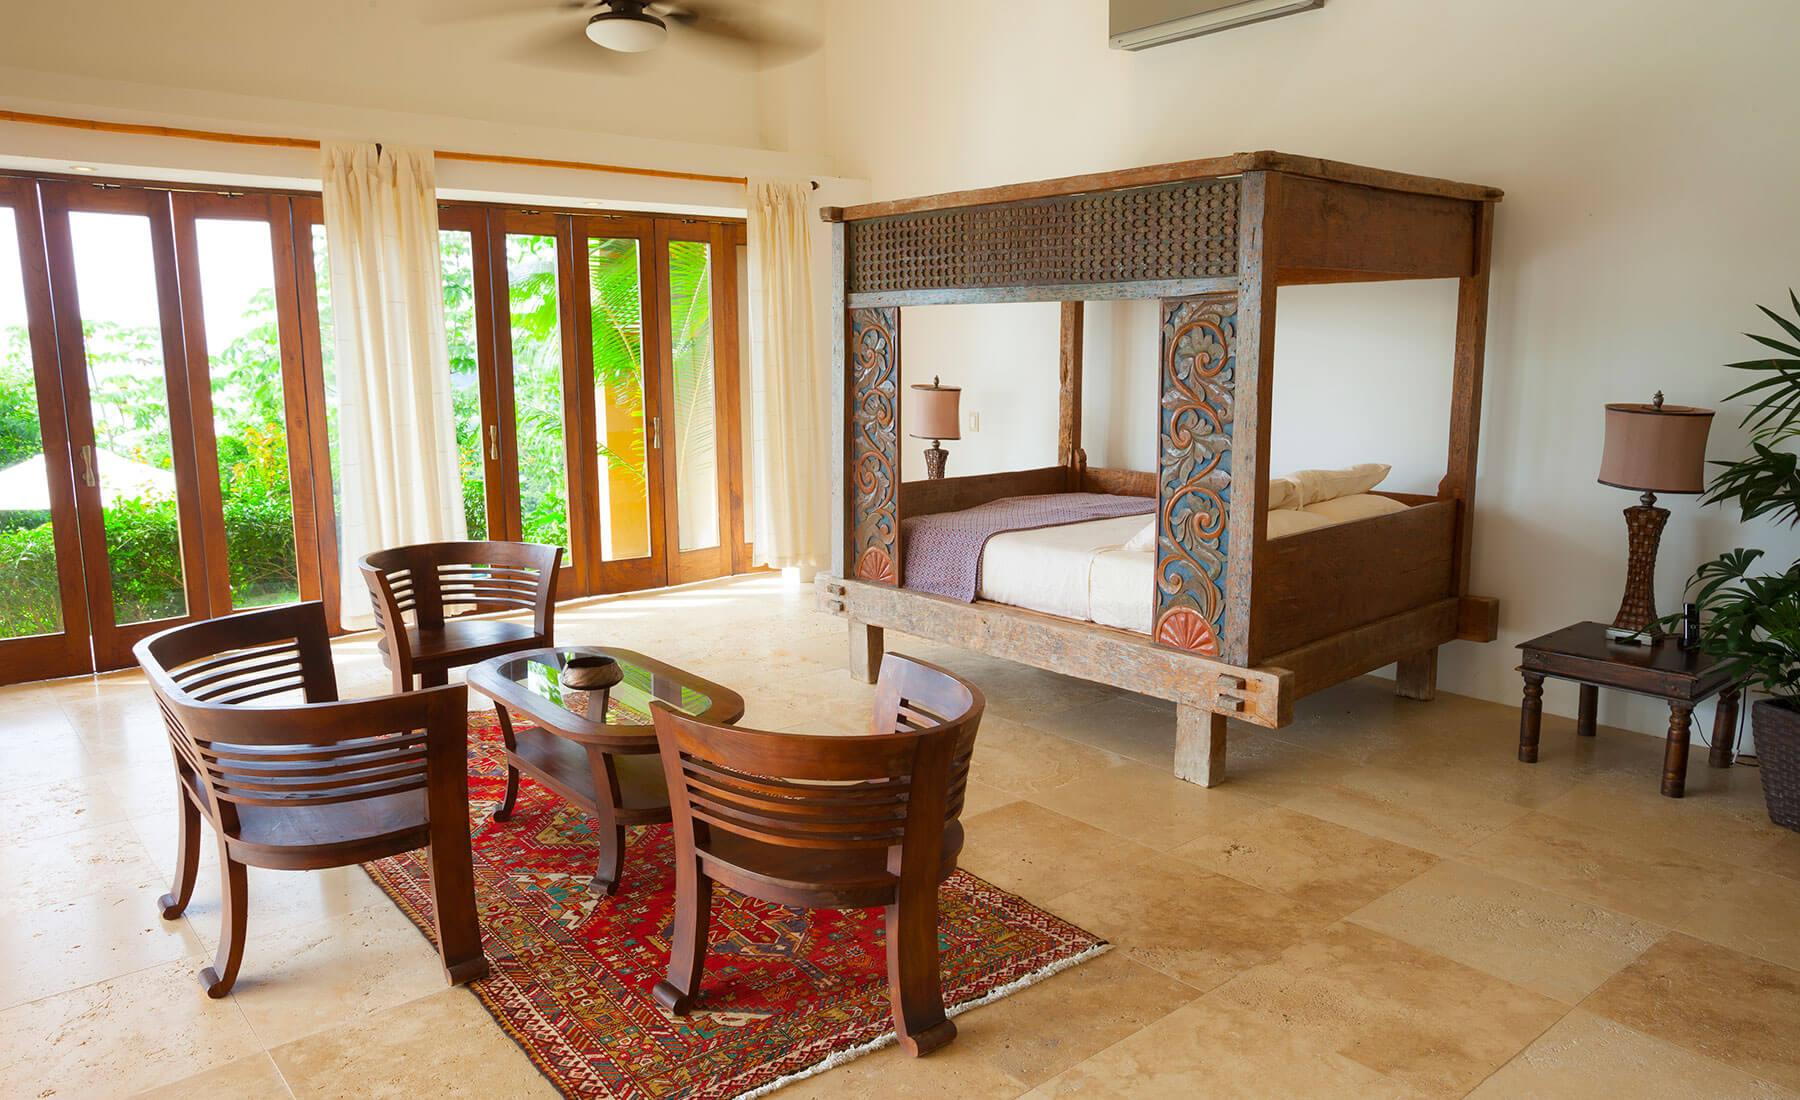 costa rica villa private pool amenities